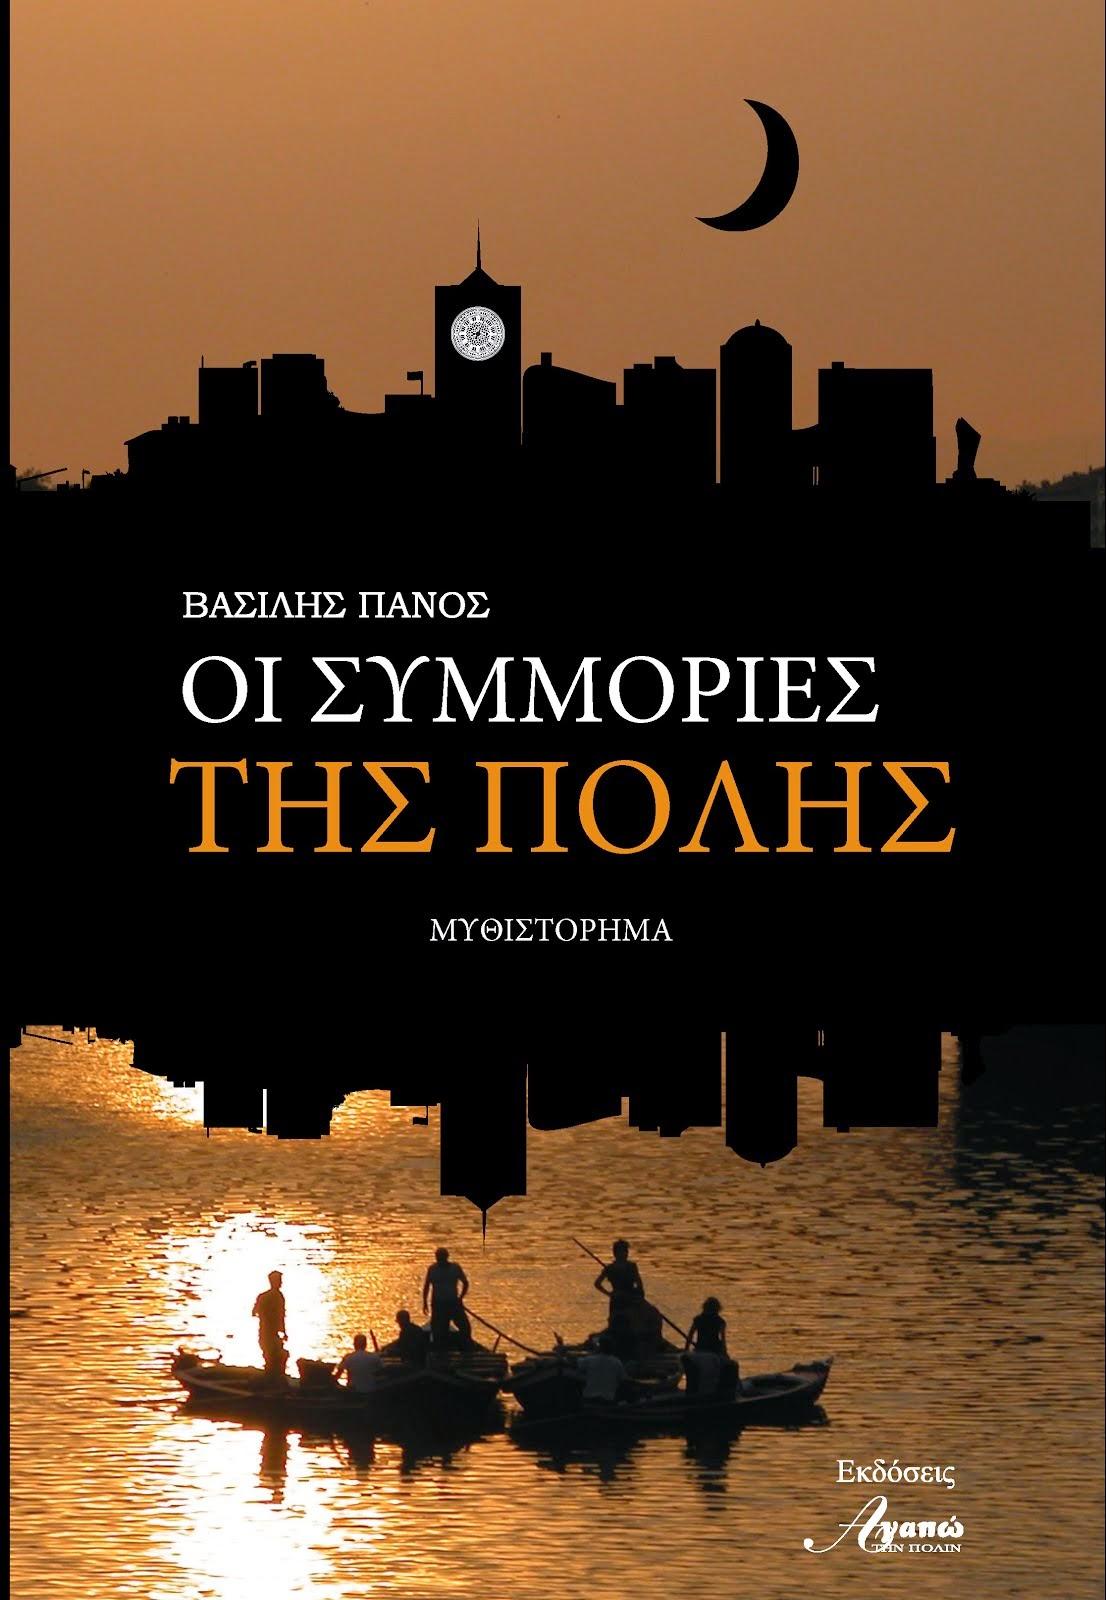 Κυκλοφόρησε νέο βιβλίο από τις εκδόσεις «Αγαπώ την Πόλιν»